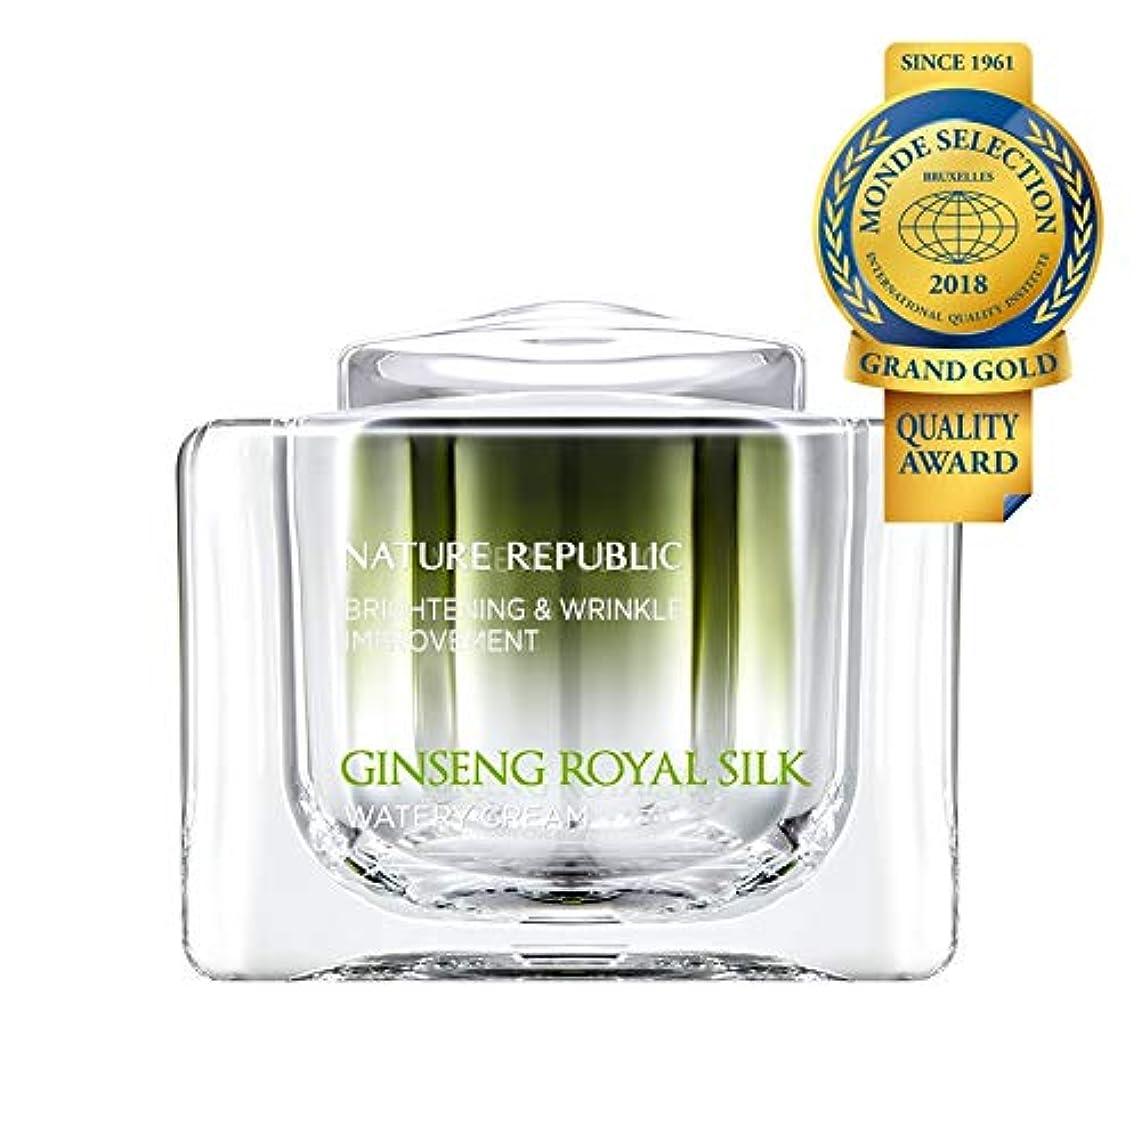 速い方向放射能ネイチャーリパブリック(Nature Republic)ジンセンロイヤルシルクウォーターリークリーム 60g / Ginseng Royal Silk Watery Cream 60g :: 韓国コスメ [並行輸入品]